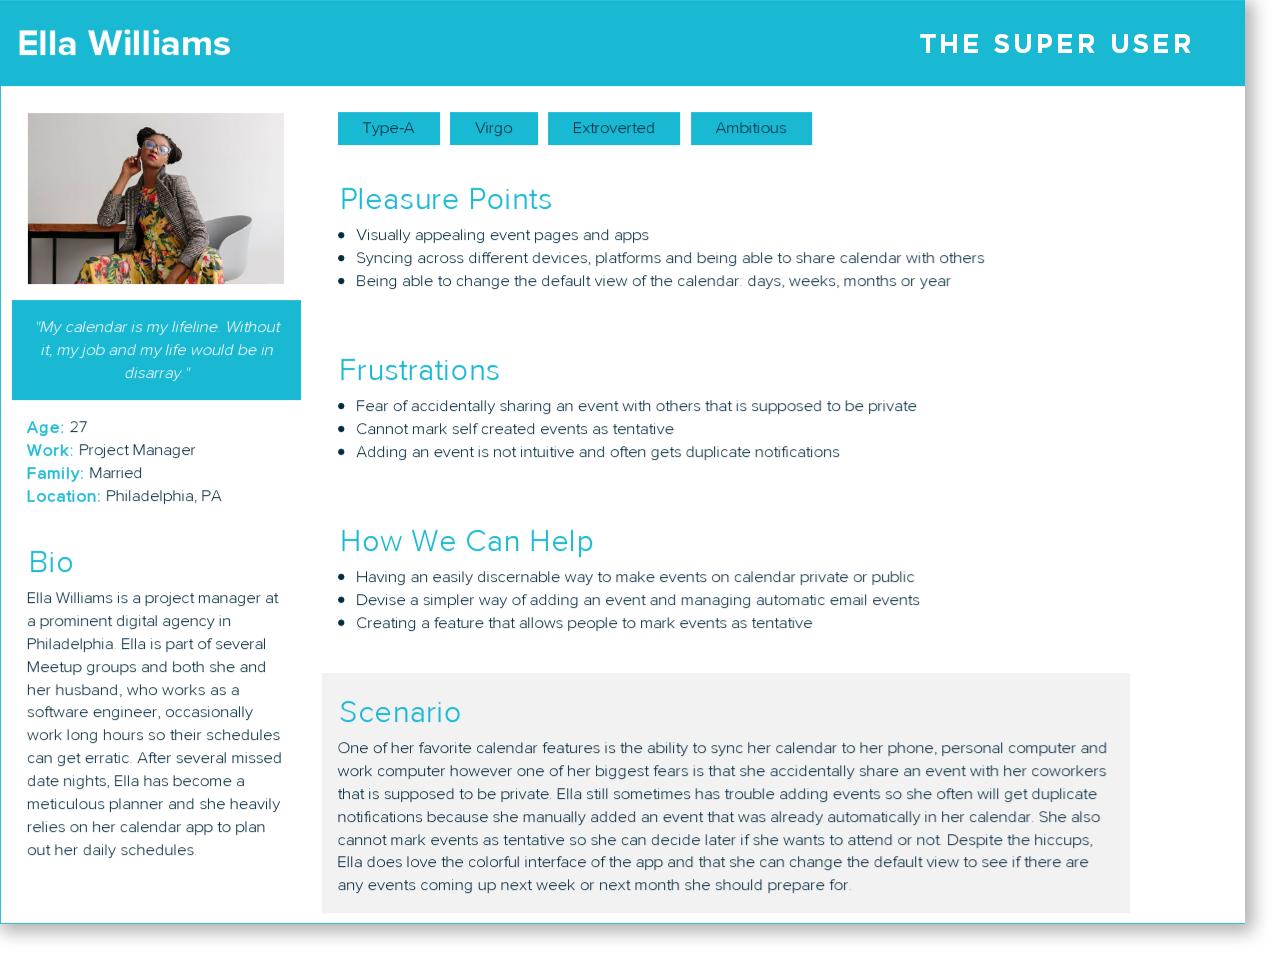 Super User Persona_Calendar (1).png